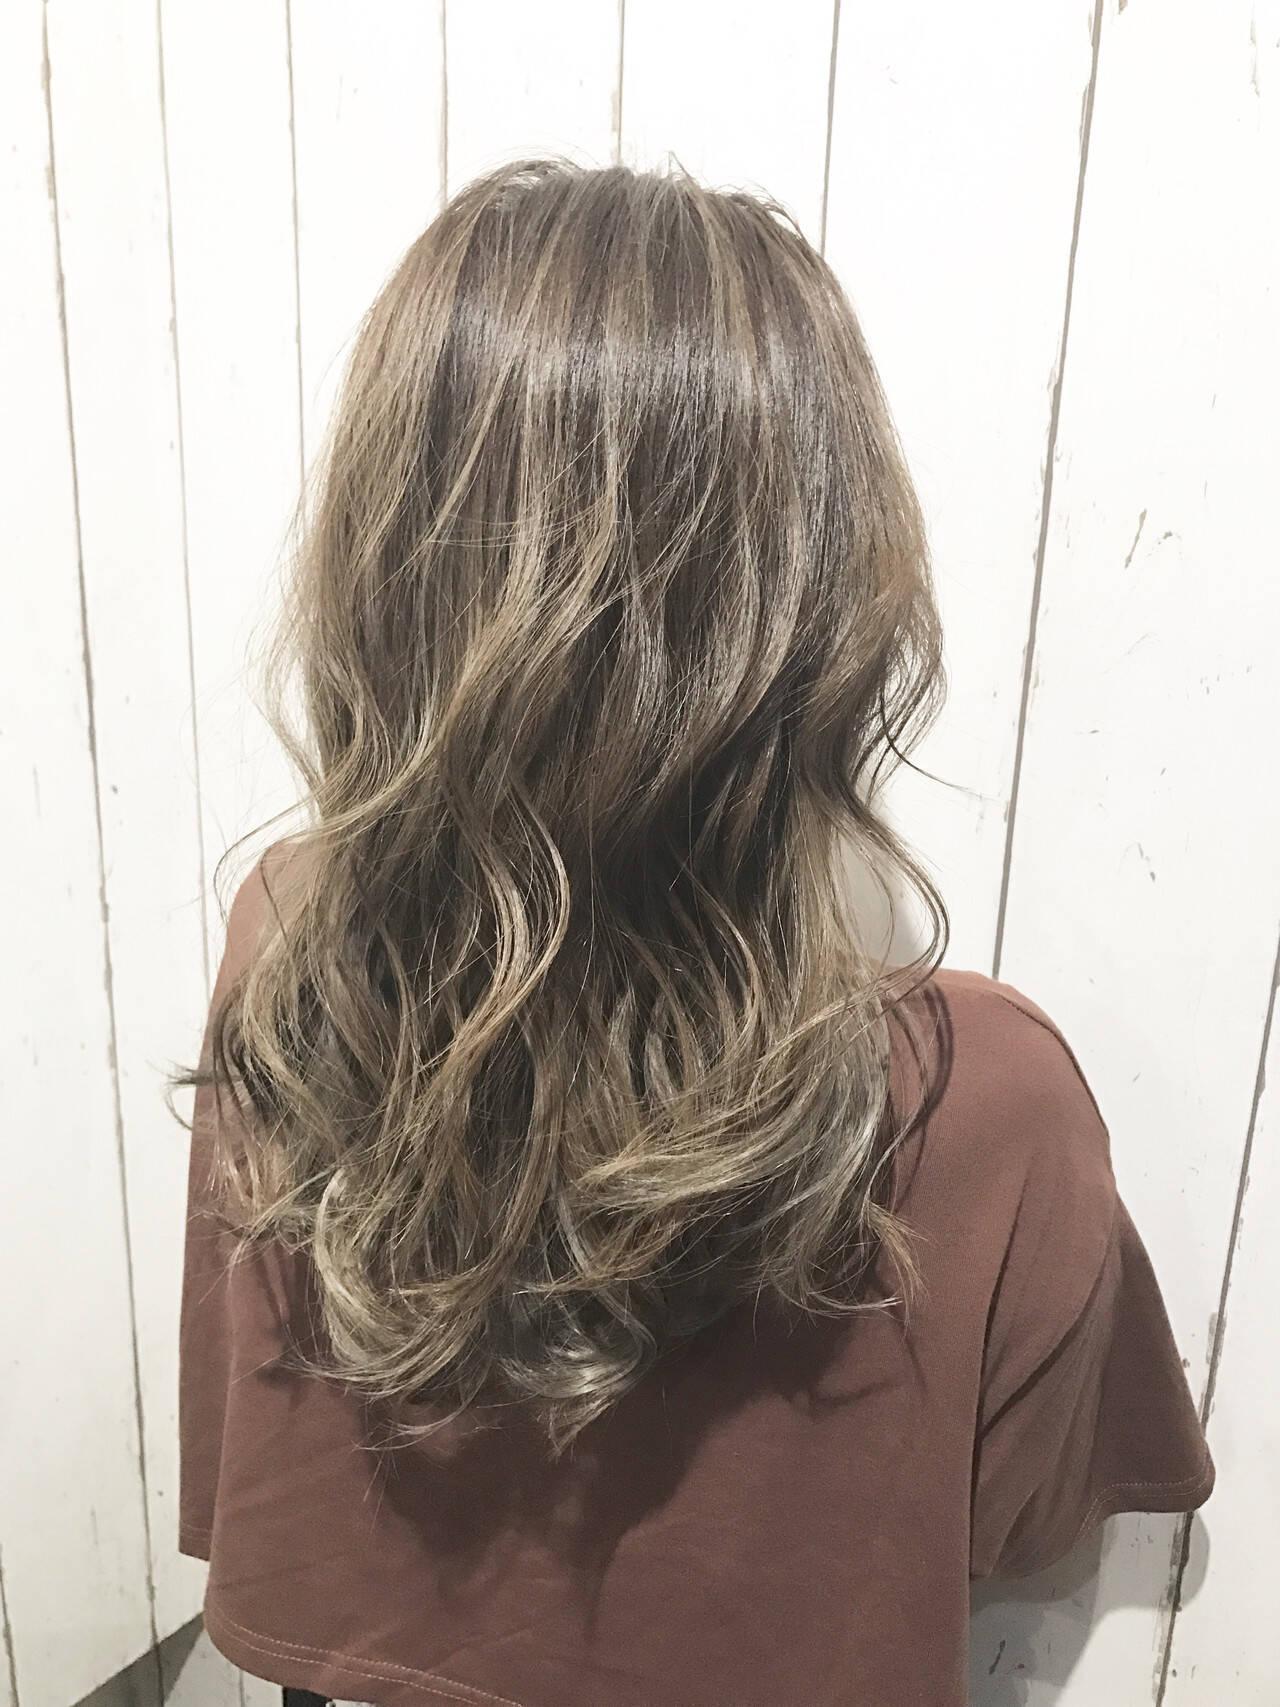 ホワイトアッシュ ホワイトブリーチ アッシュ ナチュラルヘアスタイルや髪型の写真・画像